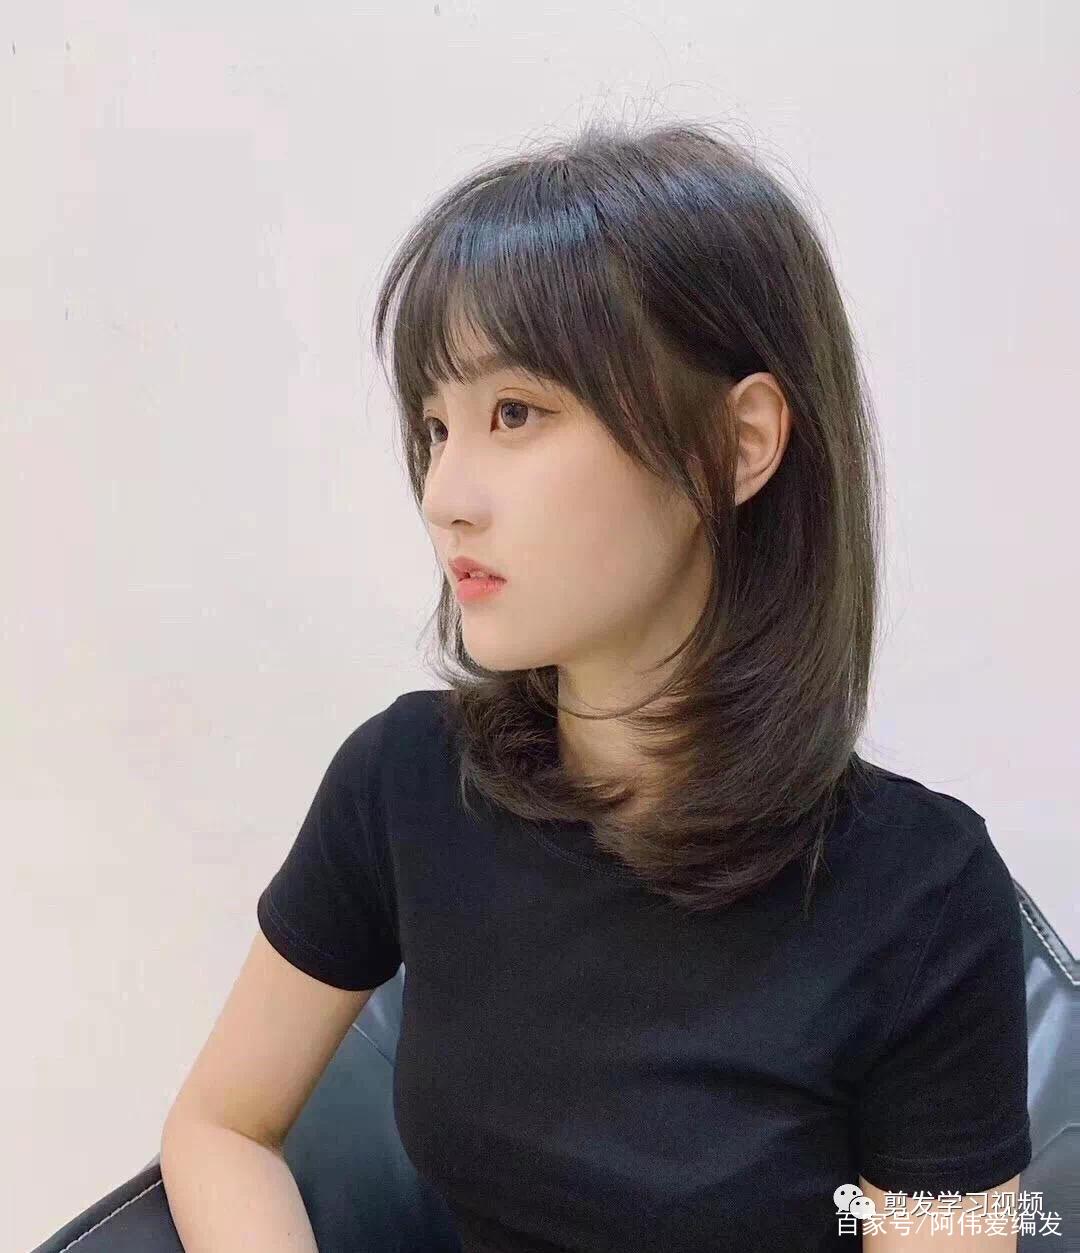 2020年流行的中短发发型,喜欢中短发的女人,它来了